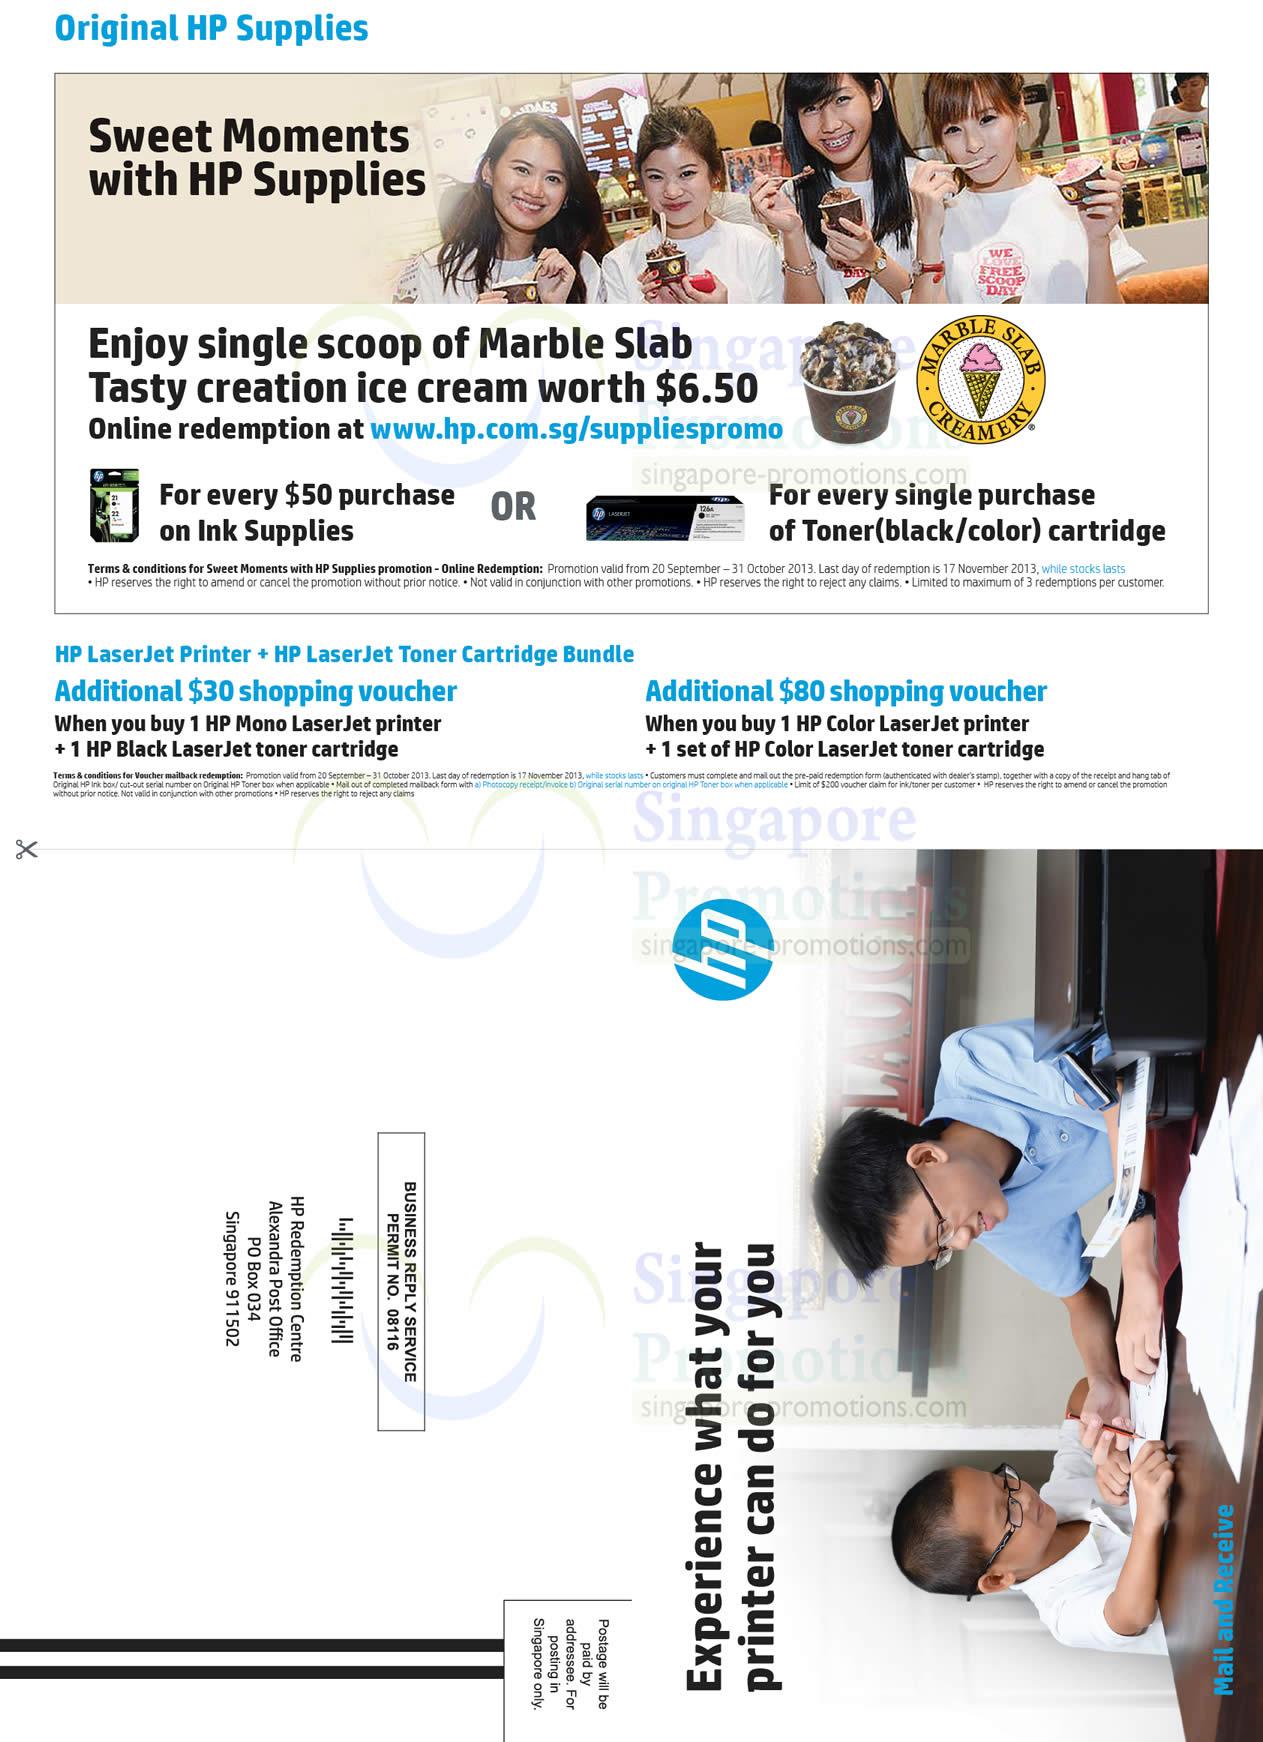 Original HP Supplies, Free Marble Slab Scoop